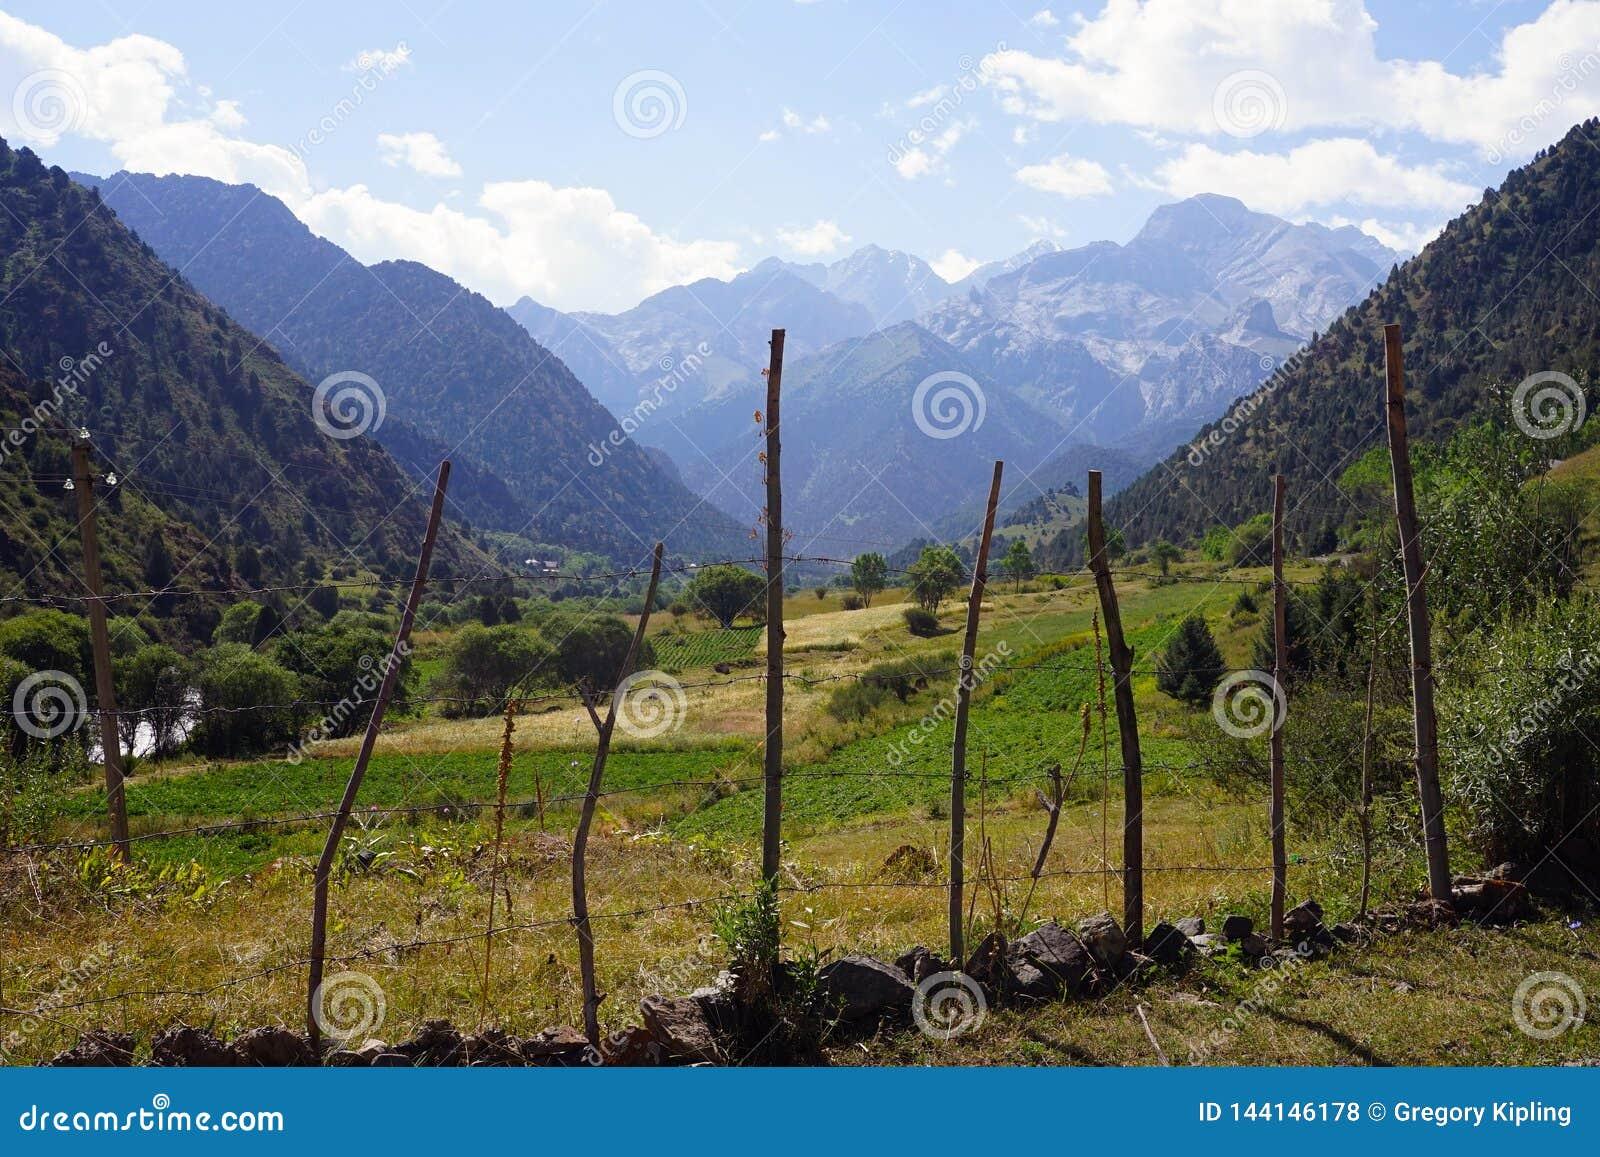 在吉尔吉斯阿塔岛国立公园,吉尔吉斯斯坦附近的山谷